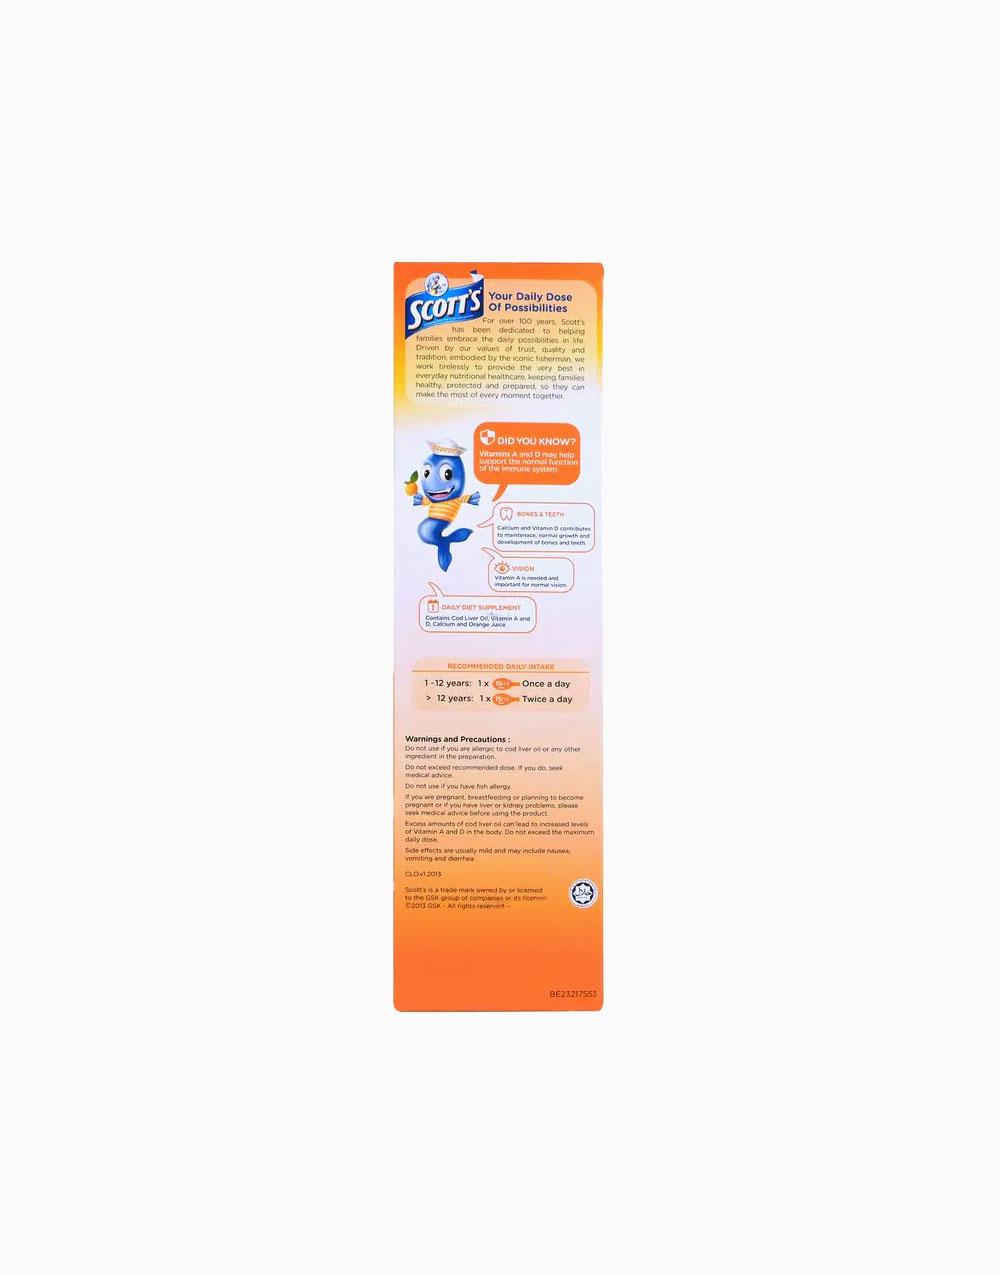 Emulsion Syrup Orange Flavor (400ml) by Scott's